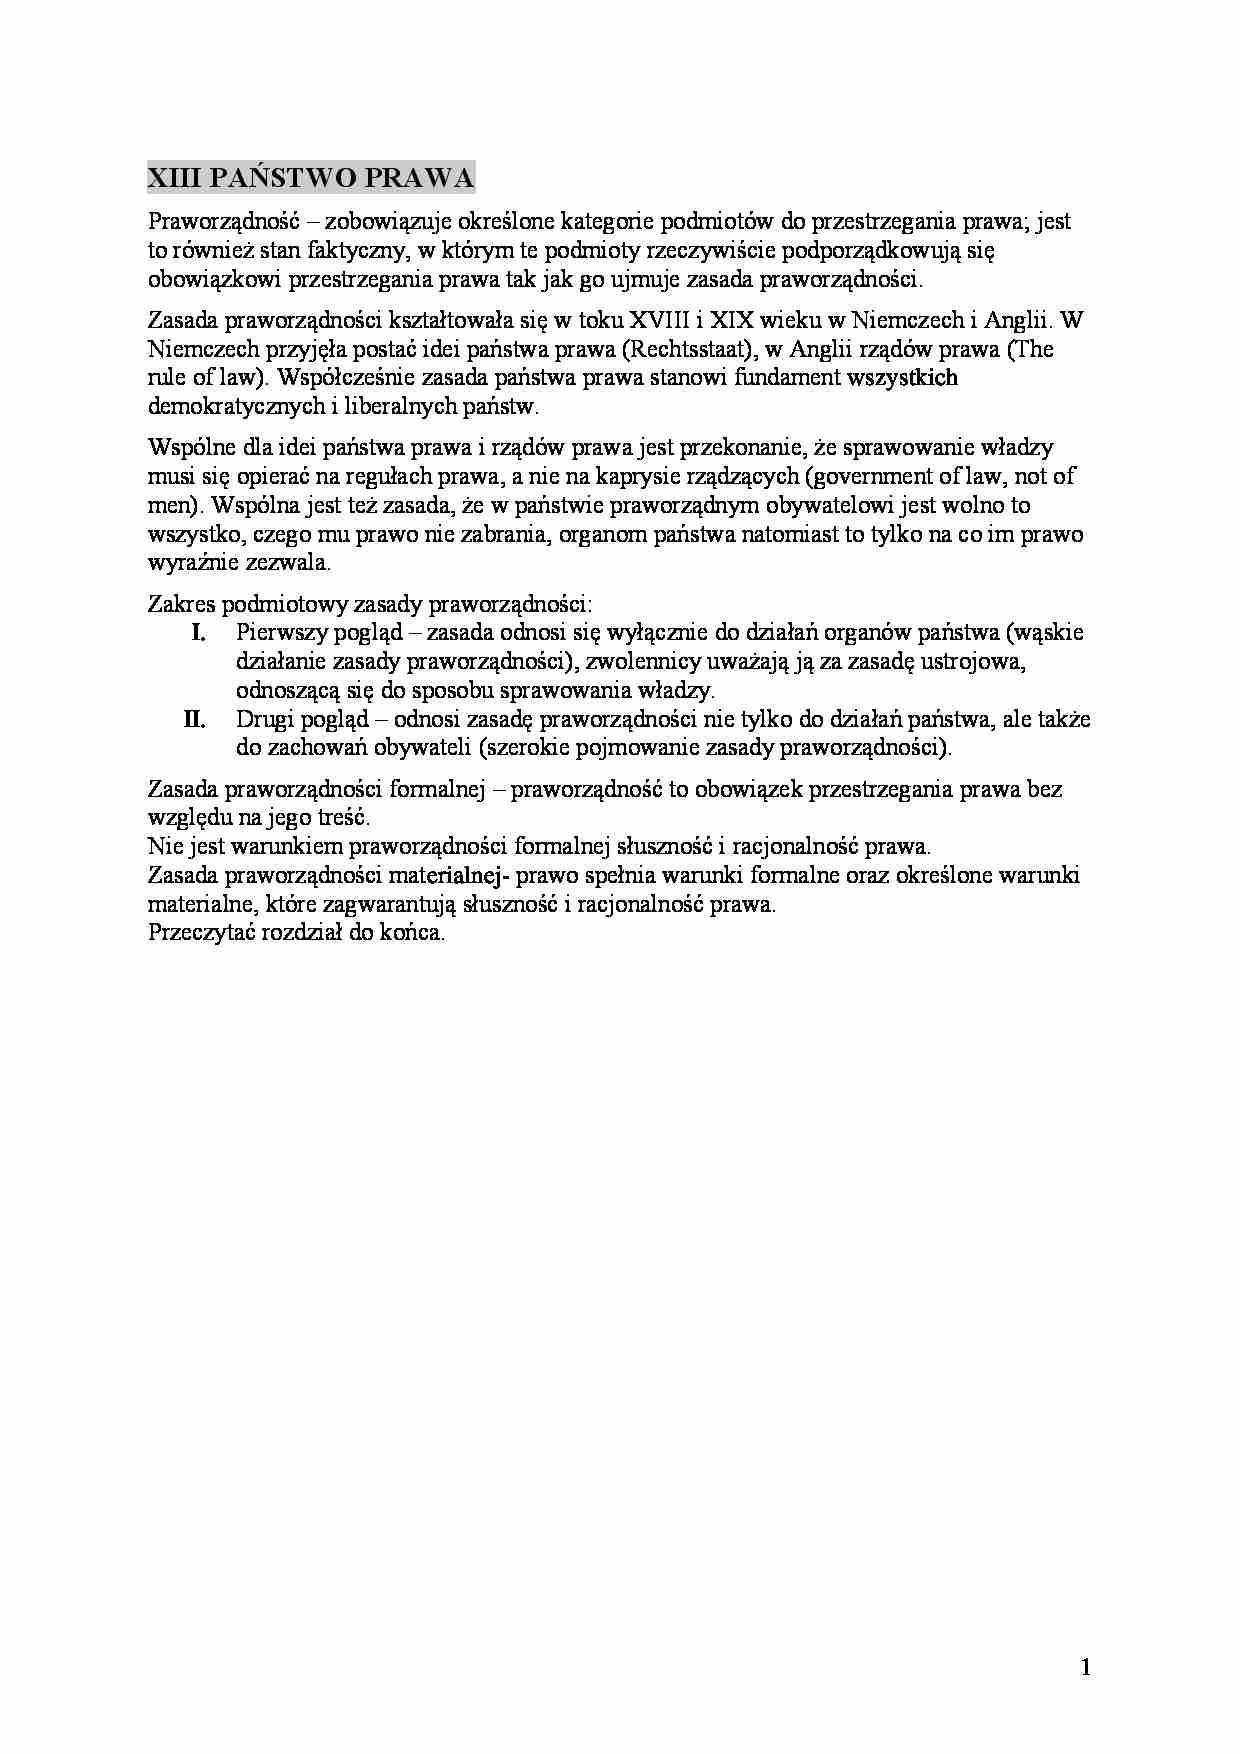 a38635f5355391 Fragment notatki: XIII PAŃSTWO PRAWA Praworządność ...